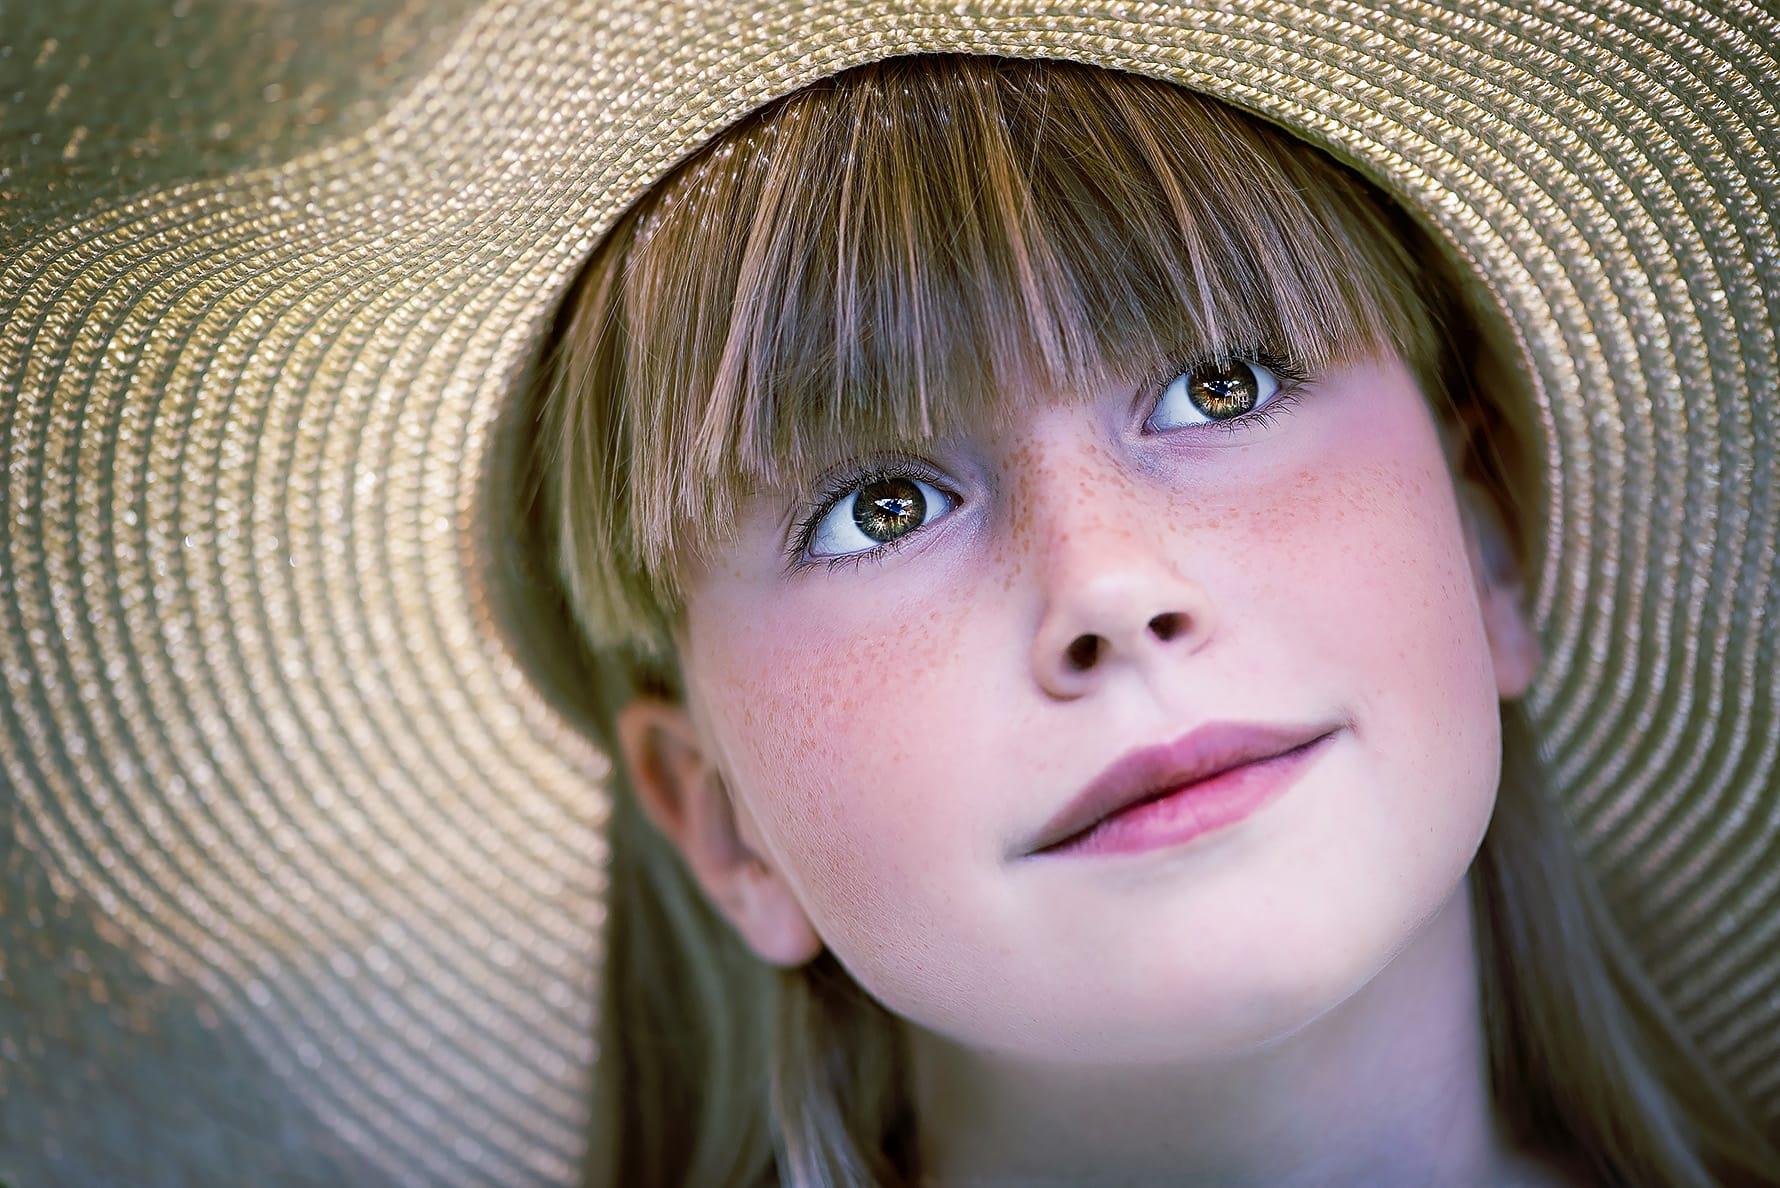 deklica z očarljivim klobukom